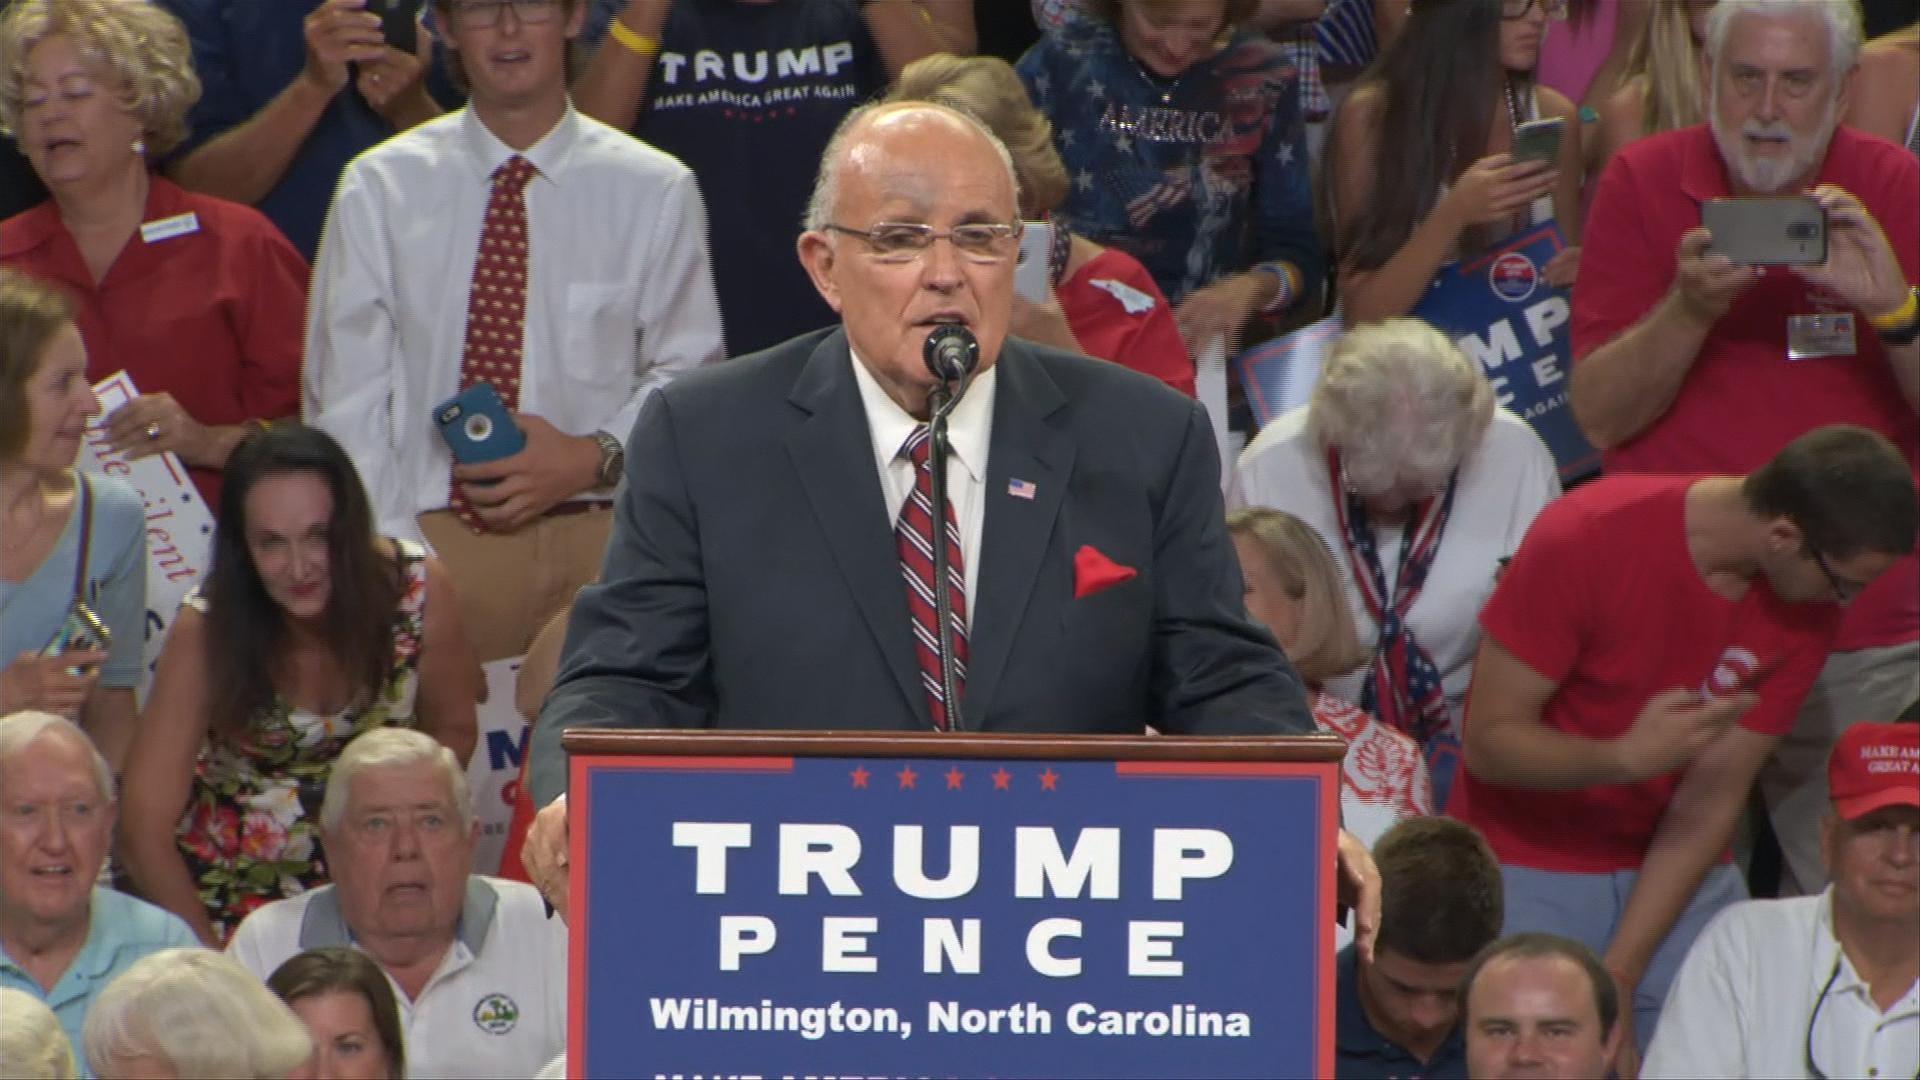 The Giuliani disgrace